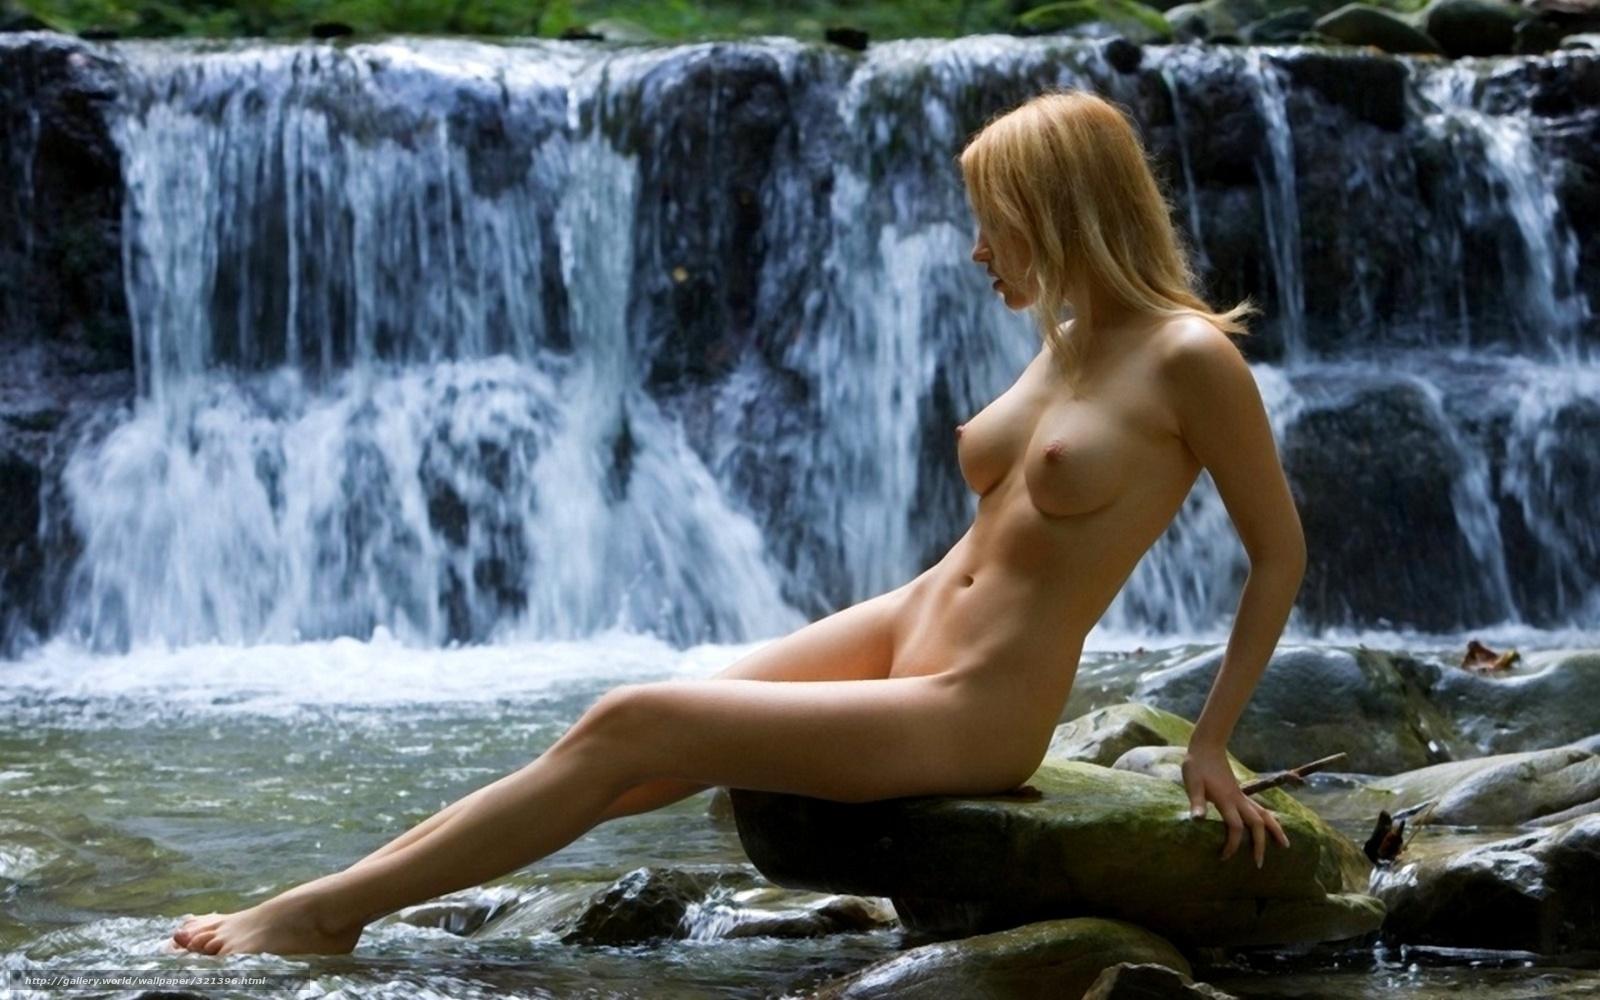 Фигуристая девица в масле позирует рядом с красивой машиной в лесу 4 фотография